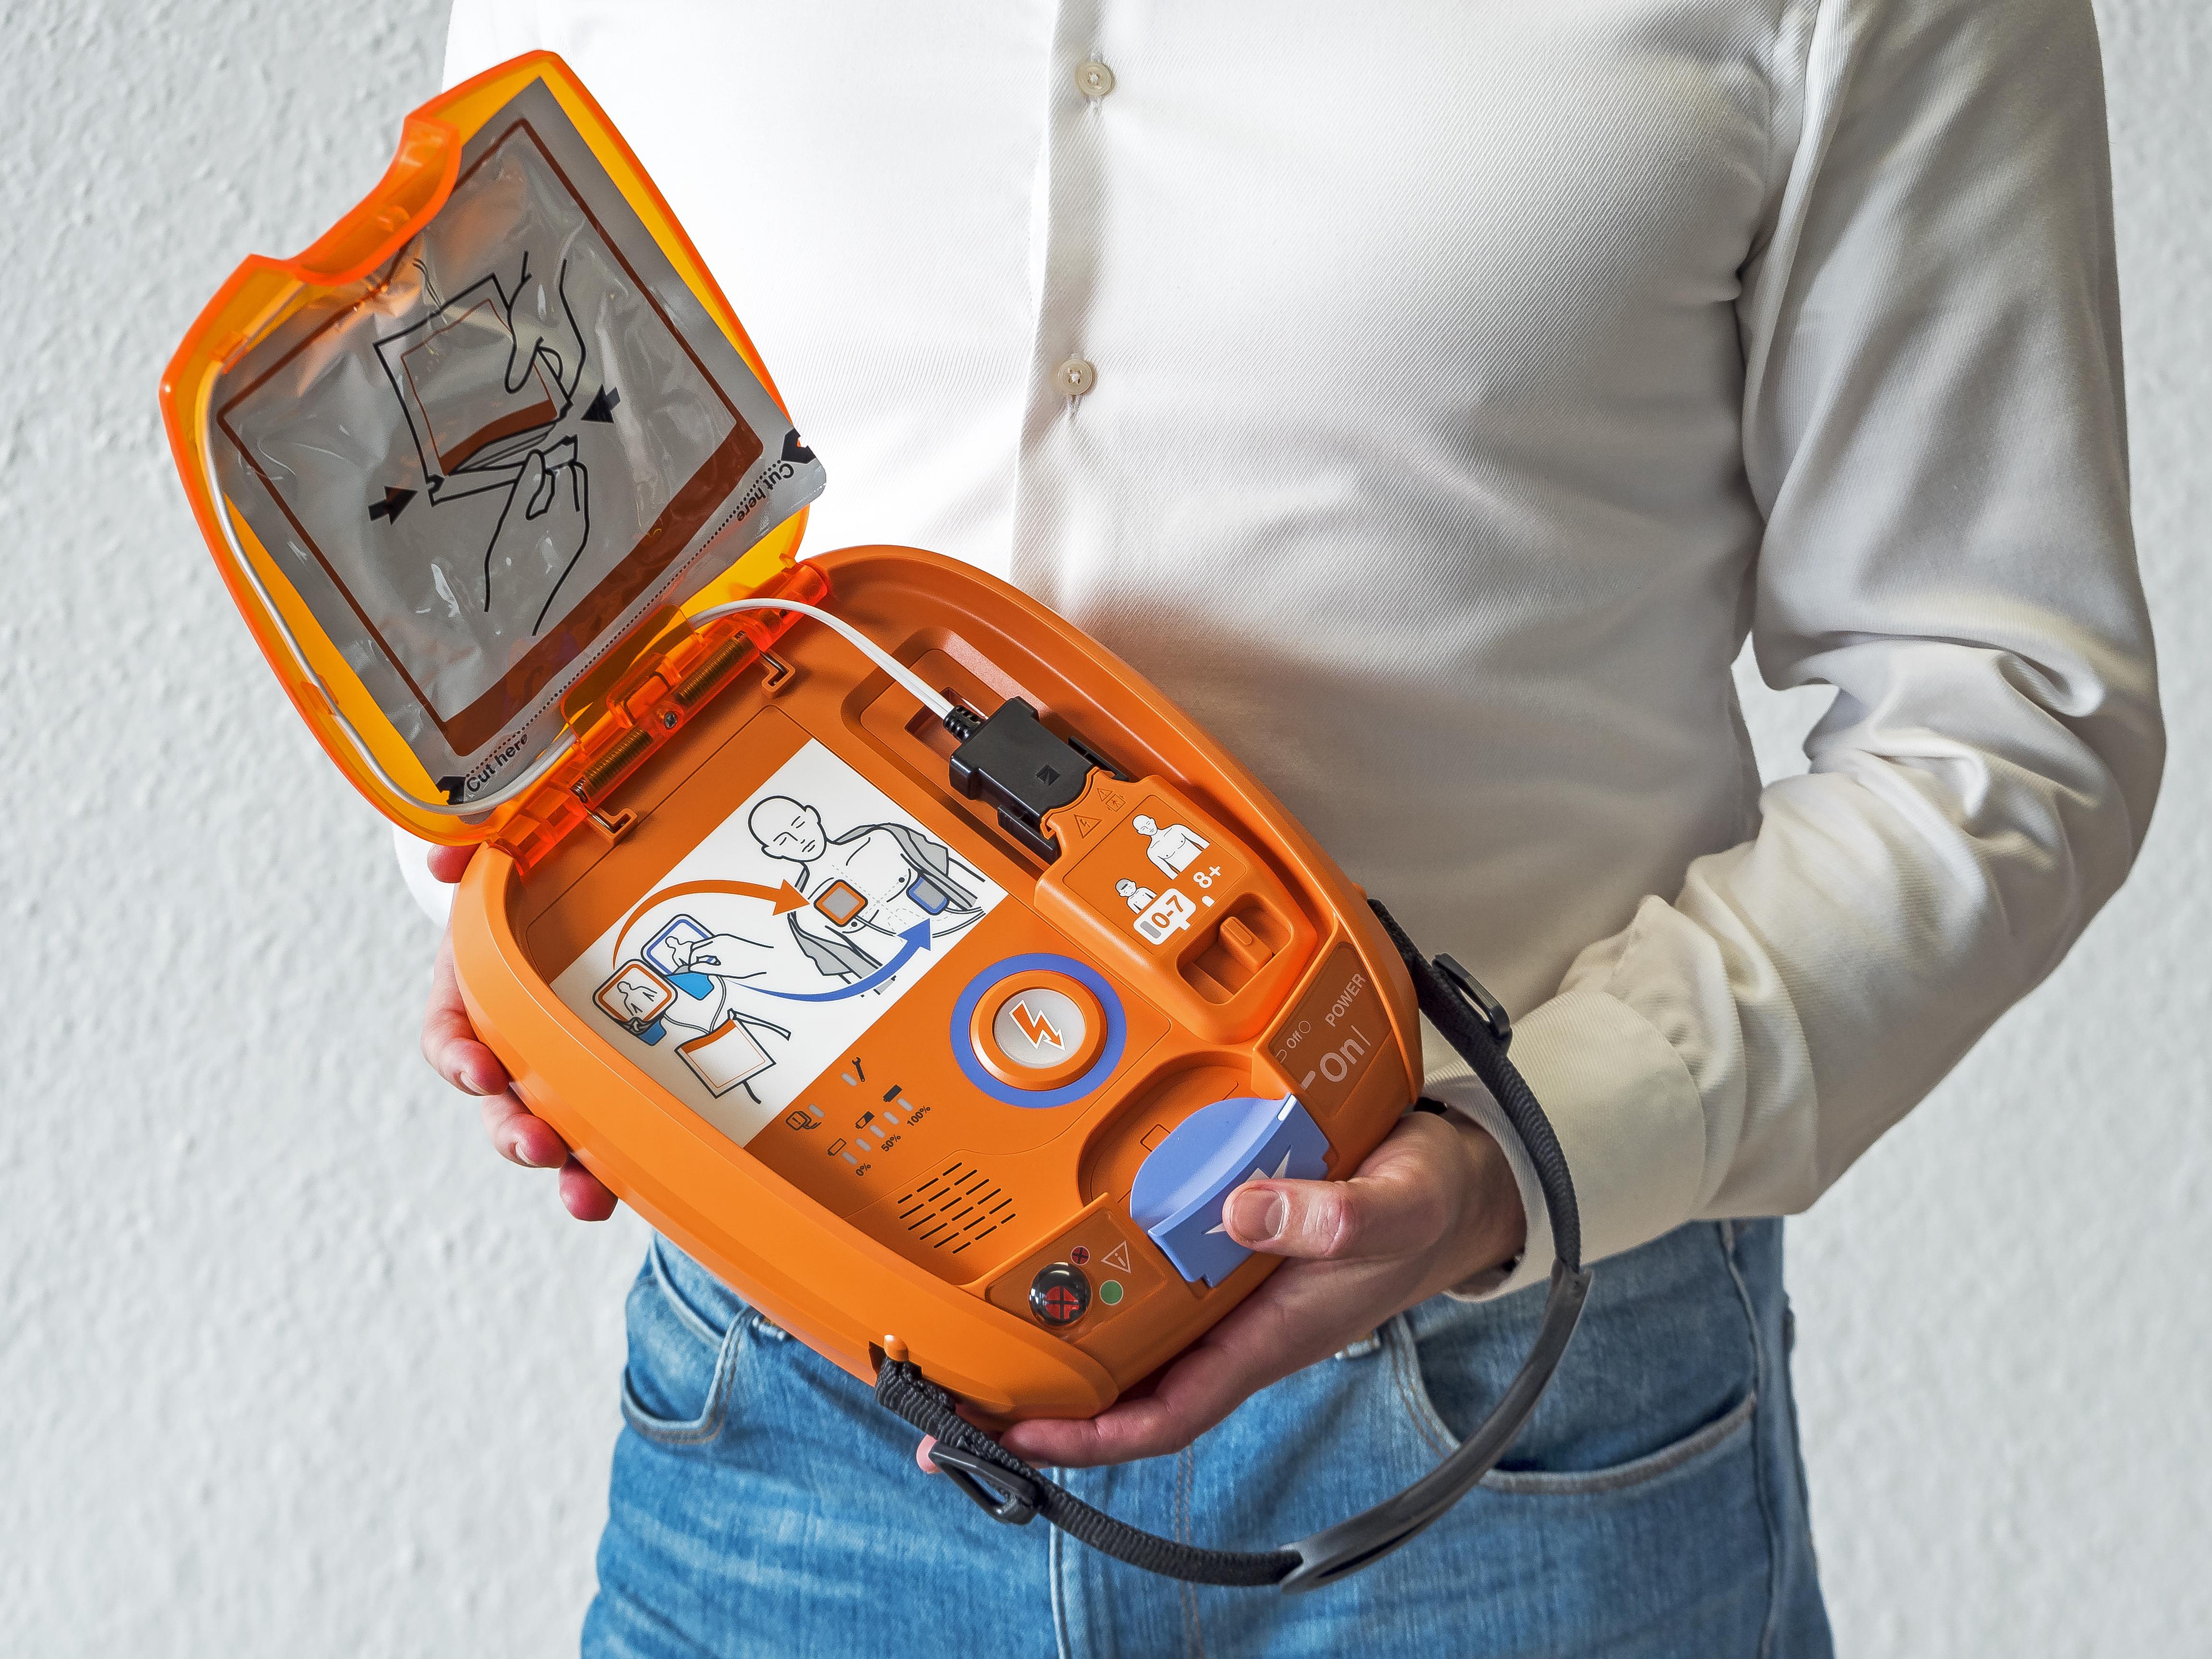 Mitarbeiter mit einem NIHON KOHDEN AED 3100 Defibrillator in der Hand